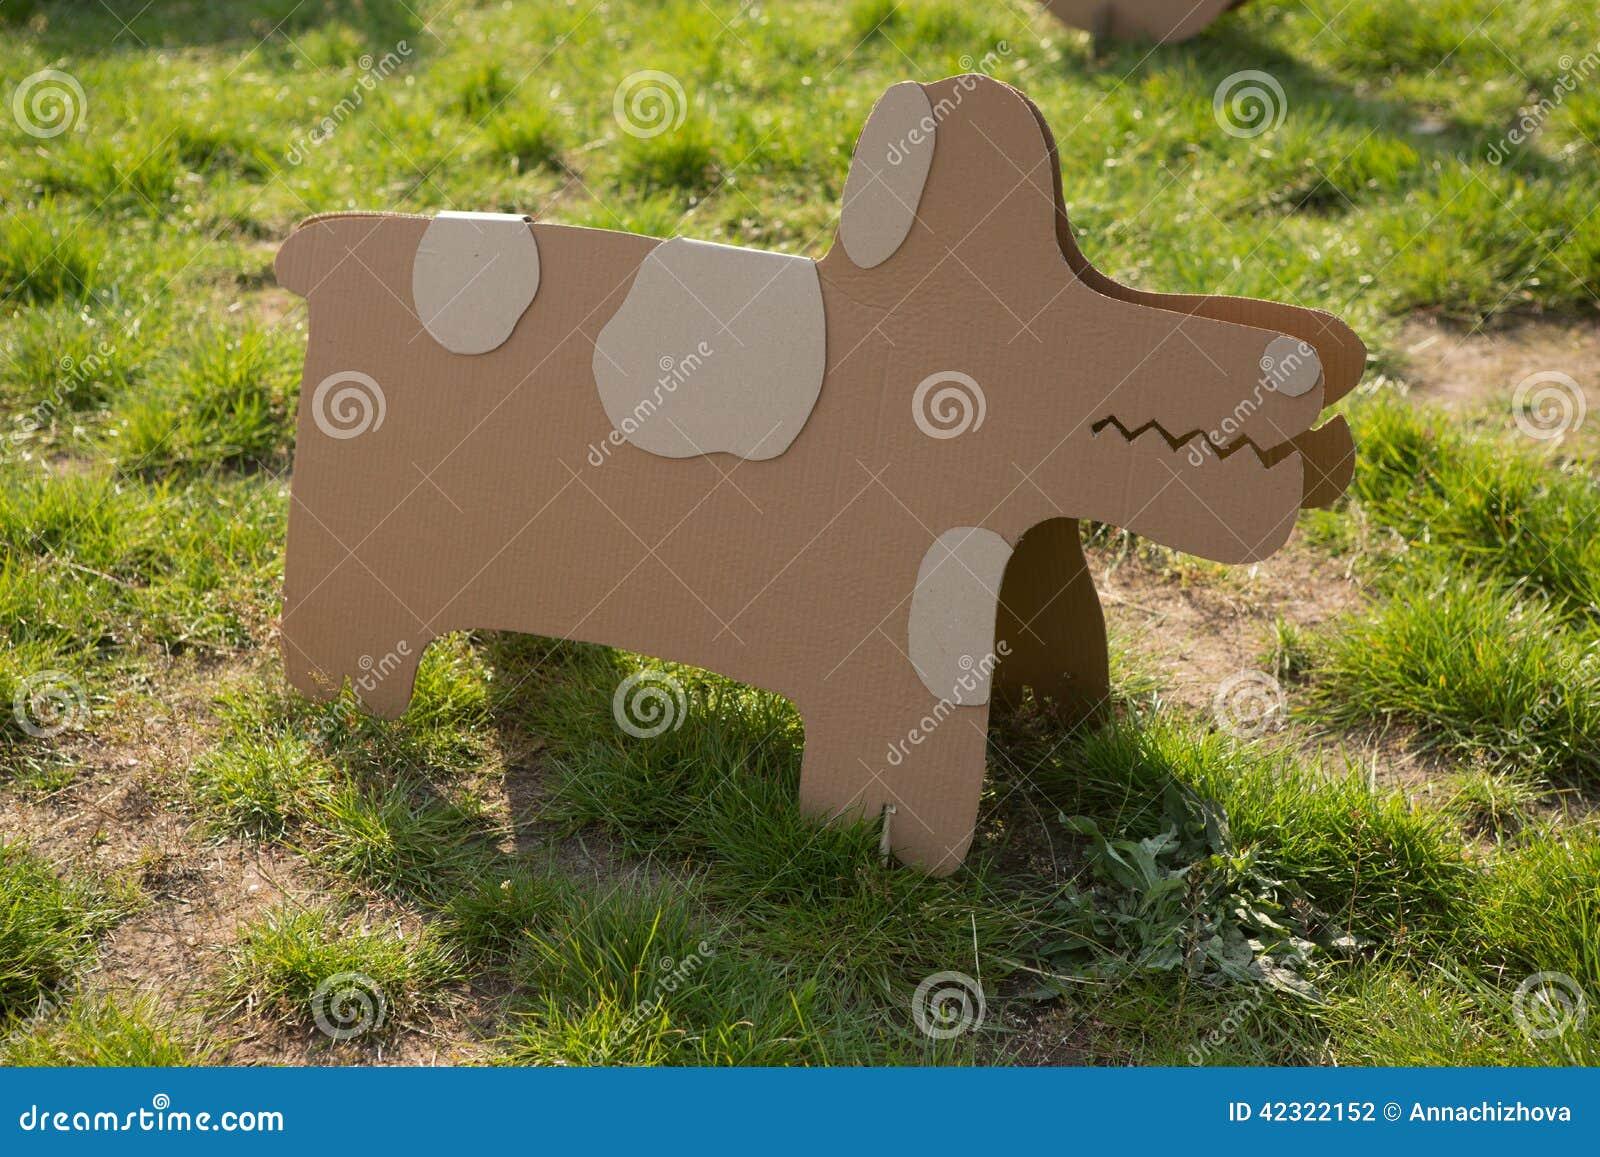 Creatieve decoratie van karton stock illustratie afbeelding 42322152 - Afbeelding van decoratie ...